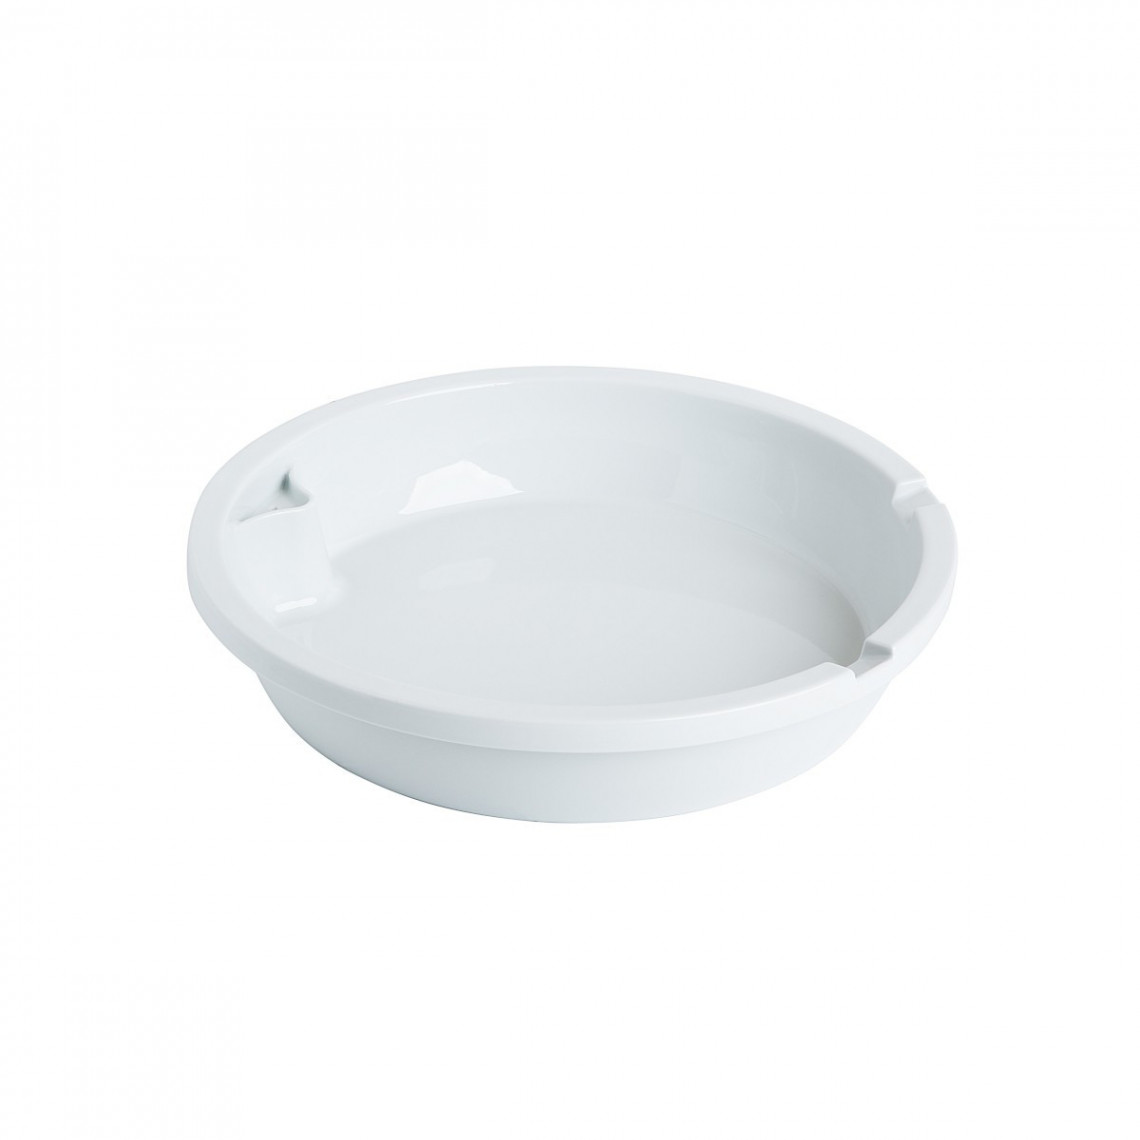 Bac gastro rond en porcelaine Rondo (2